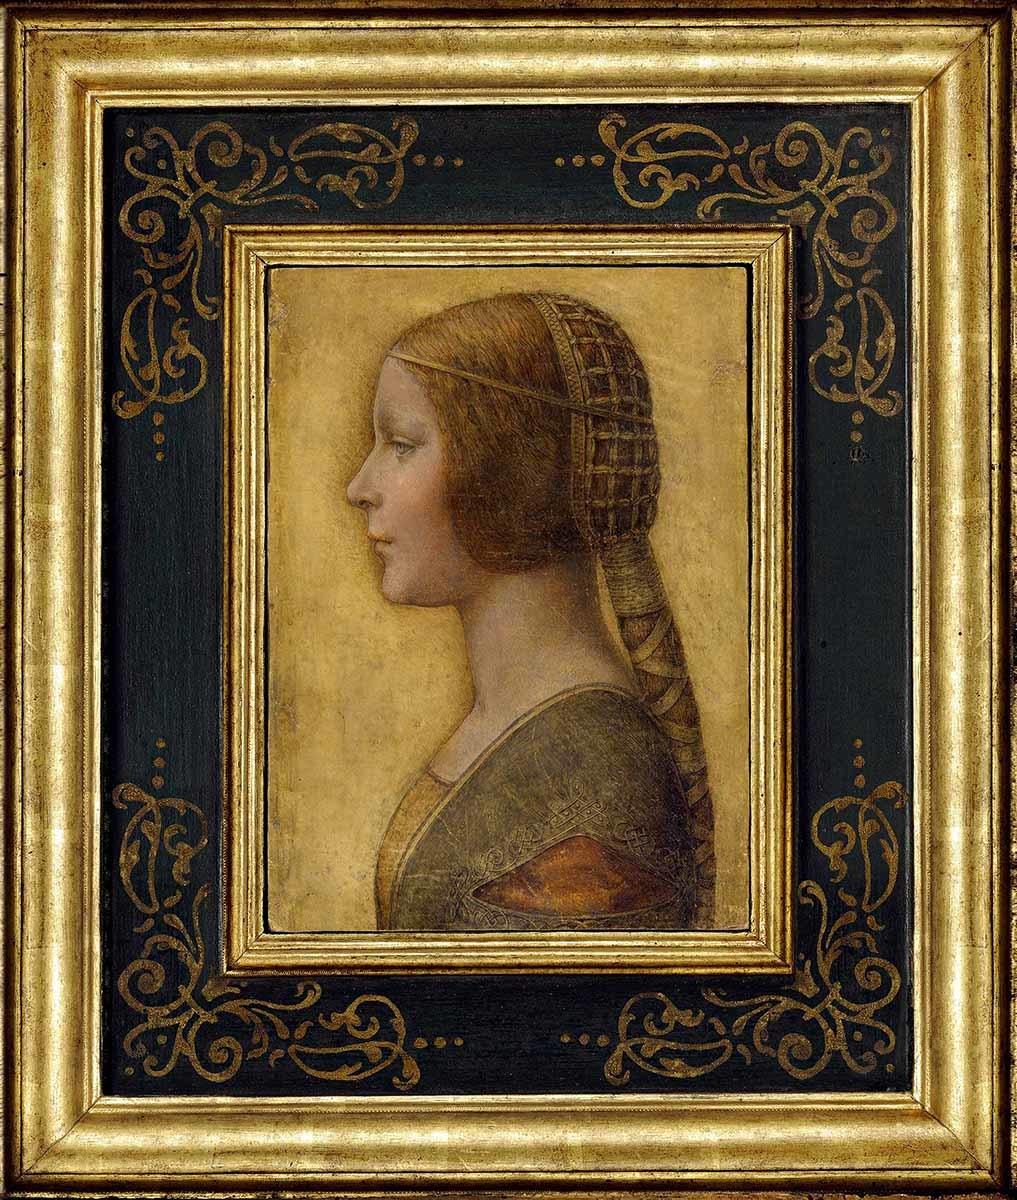 レオナルド・ダ・ヴィンチ(帰属) 《美しき姫君 (ビアンカ・スフォルツァ?)》 1495年頃 個人蔵